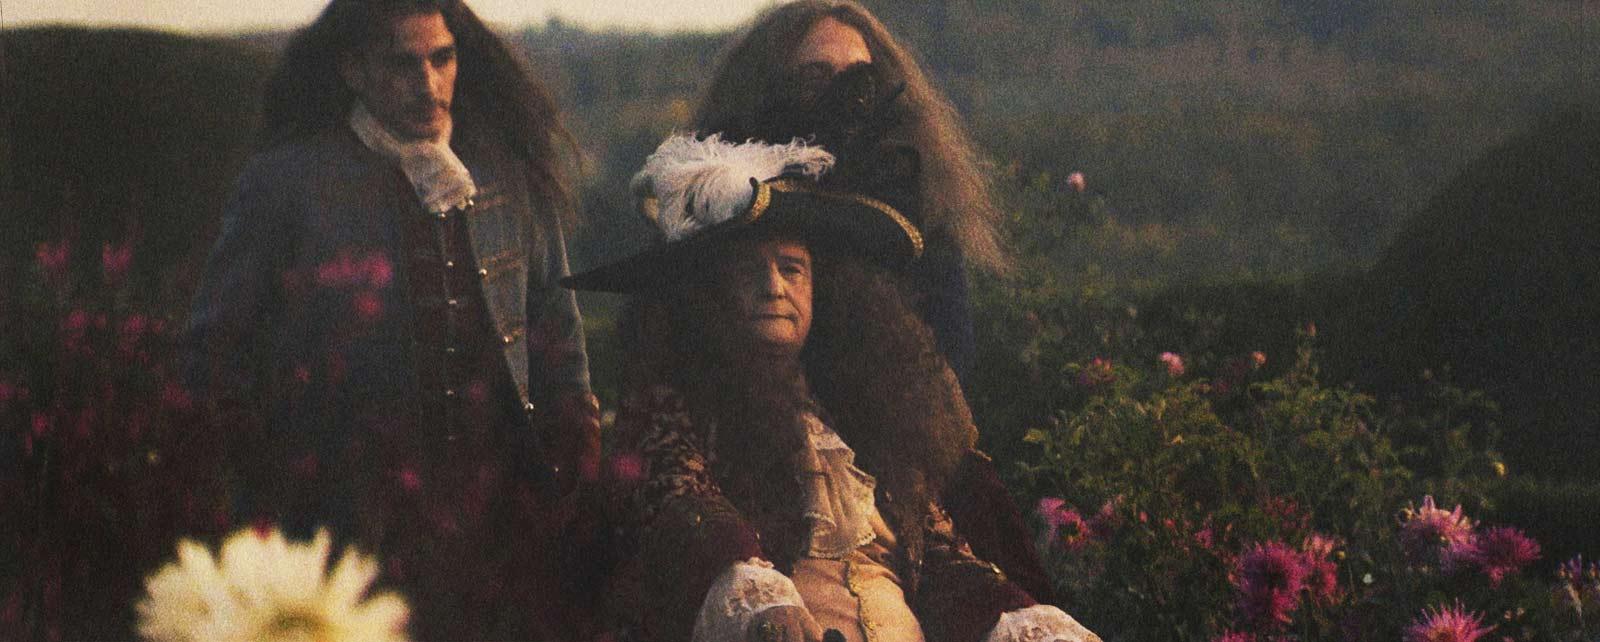 La muerte de Luis XIV: Microacción, morgue y cosificación